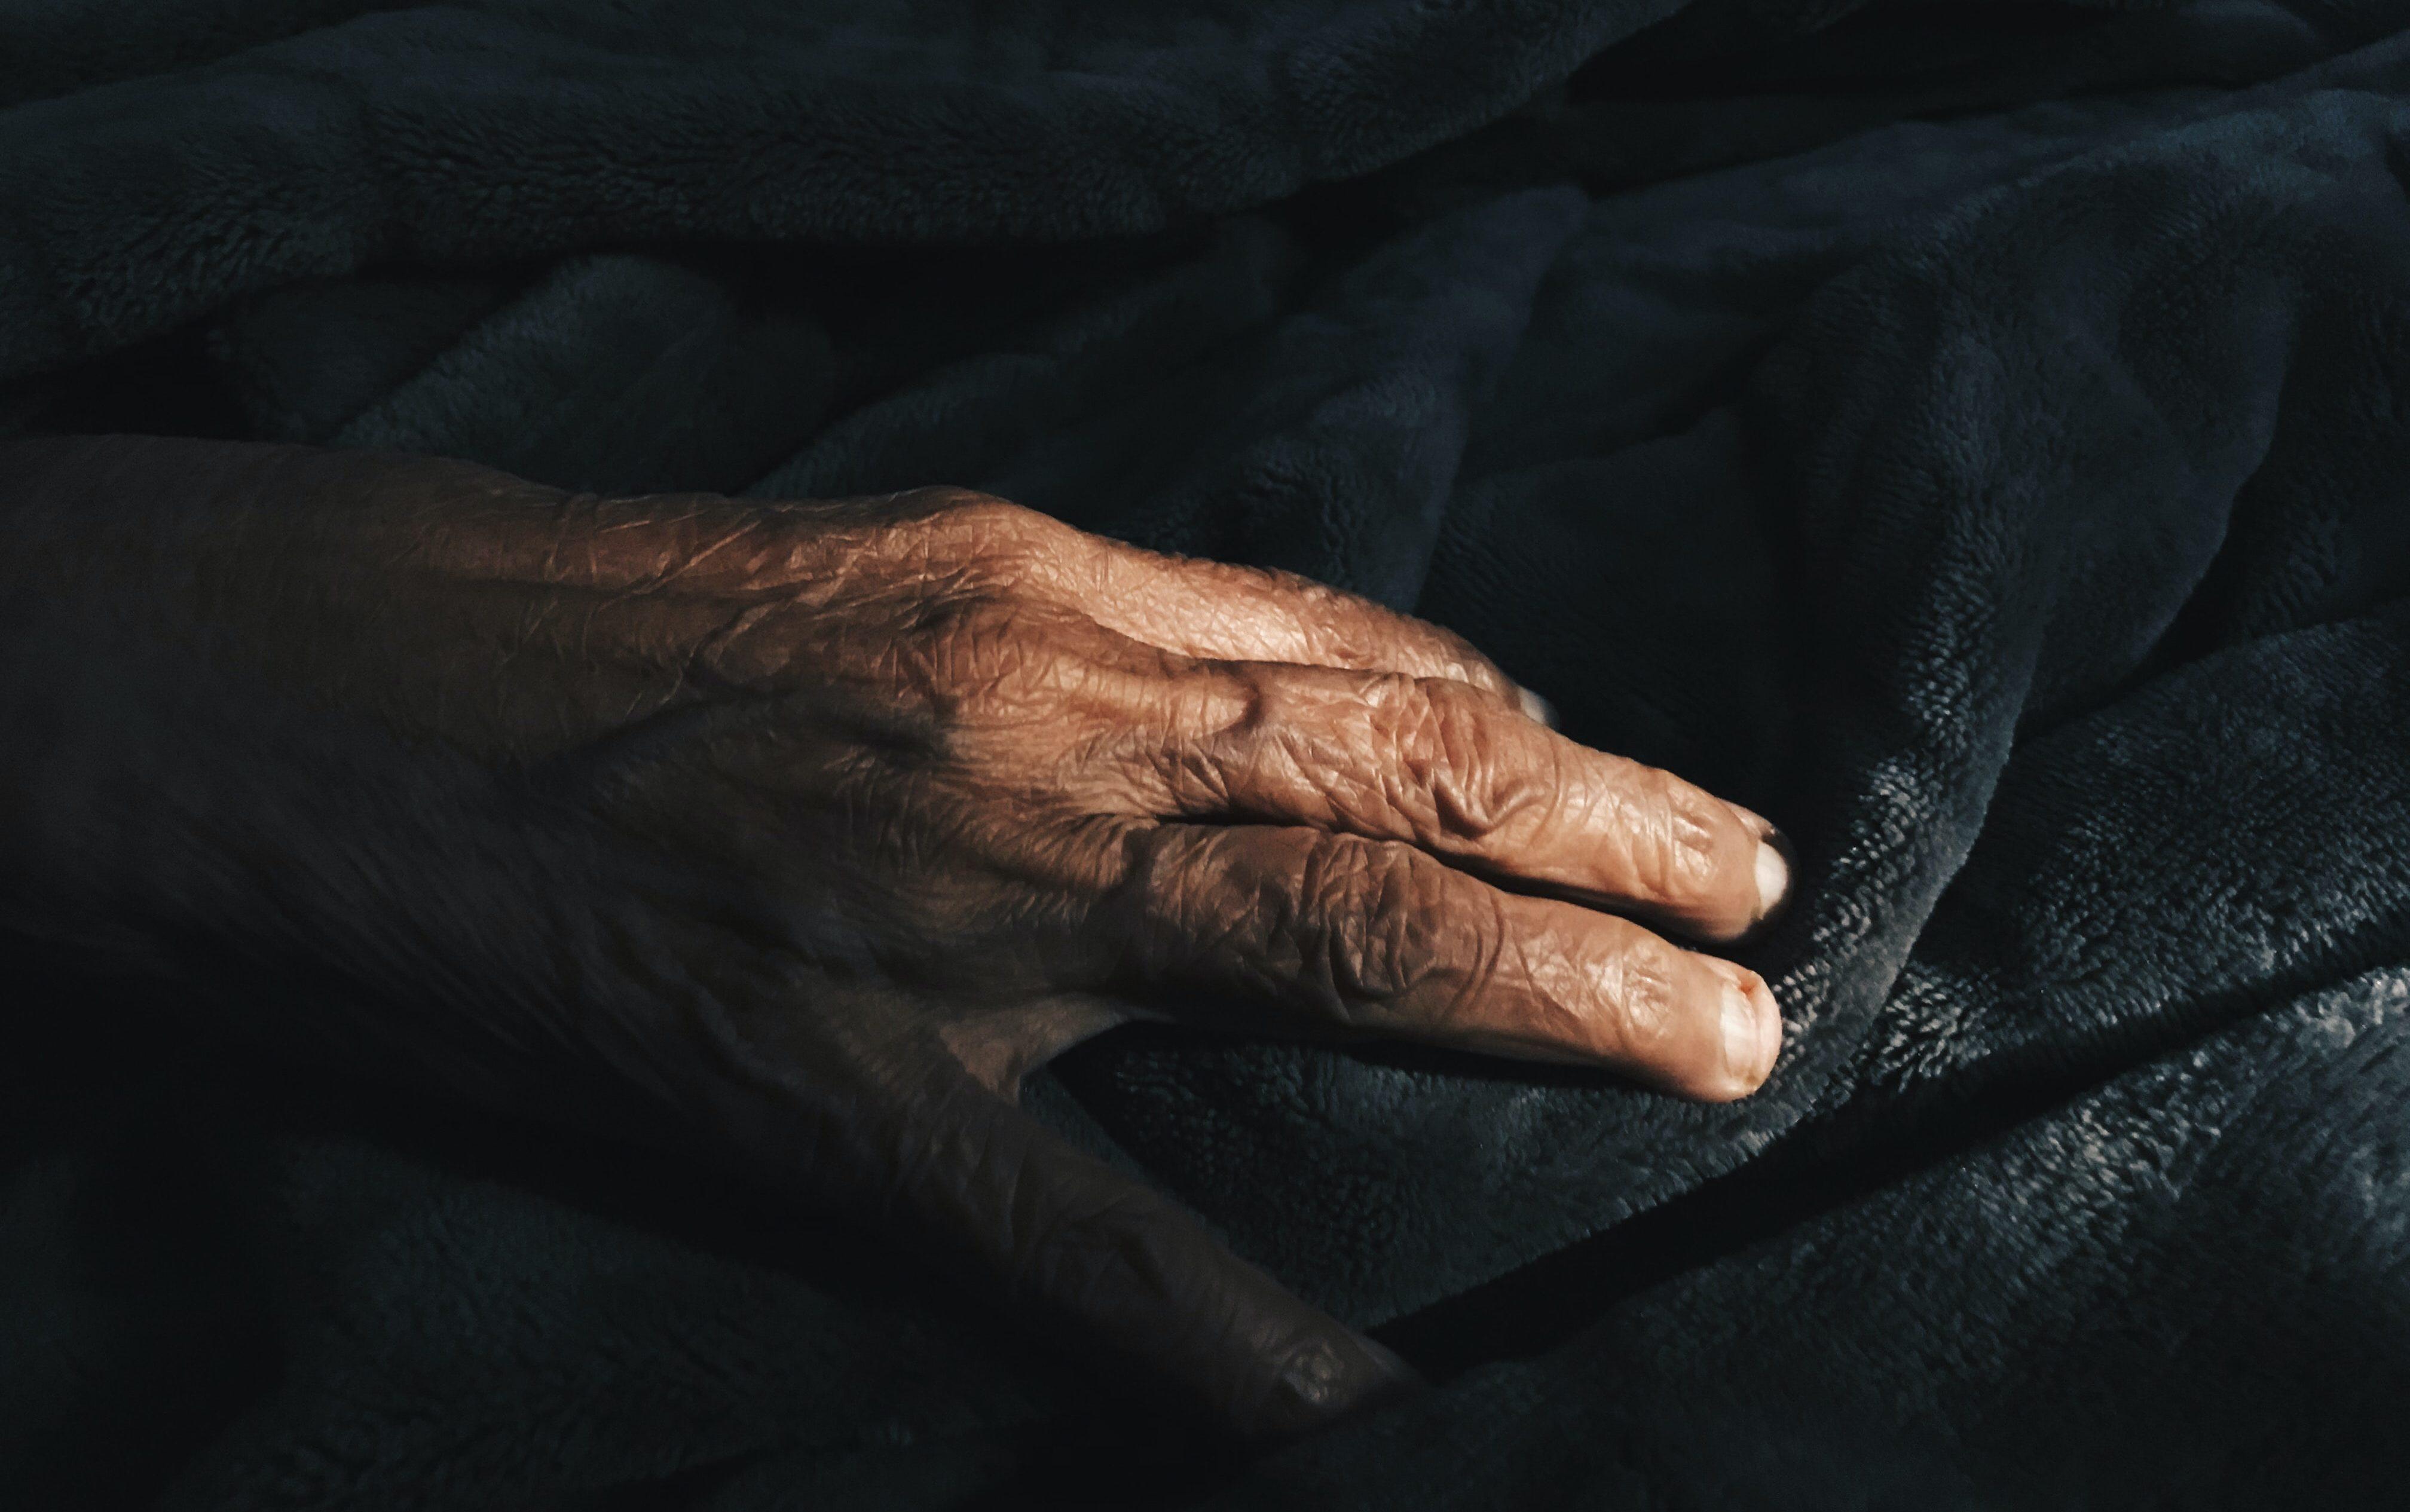 Sprievodkyňa umierajúcich: Umieranie osamote v nás vzbudzuje najväčší strach